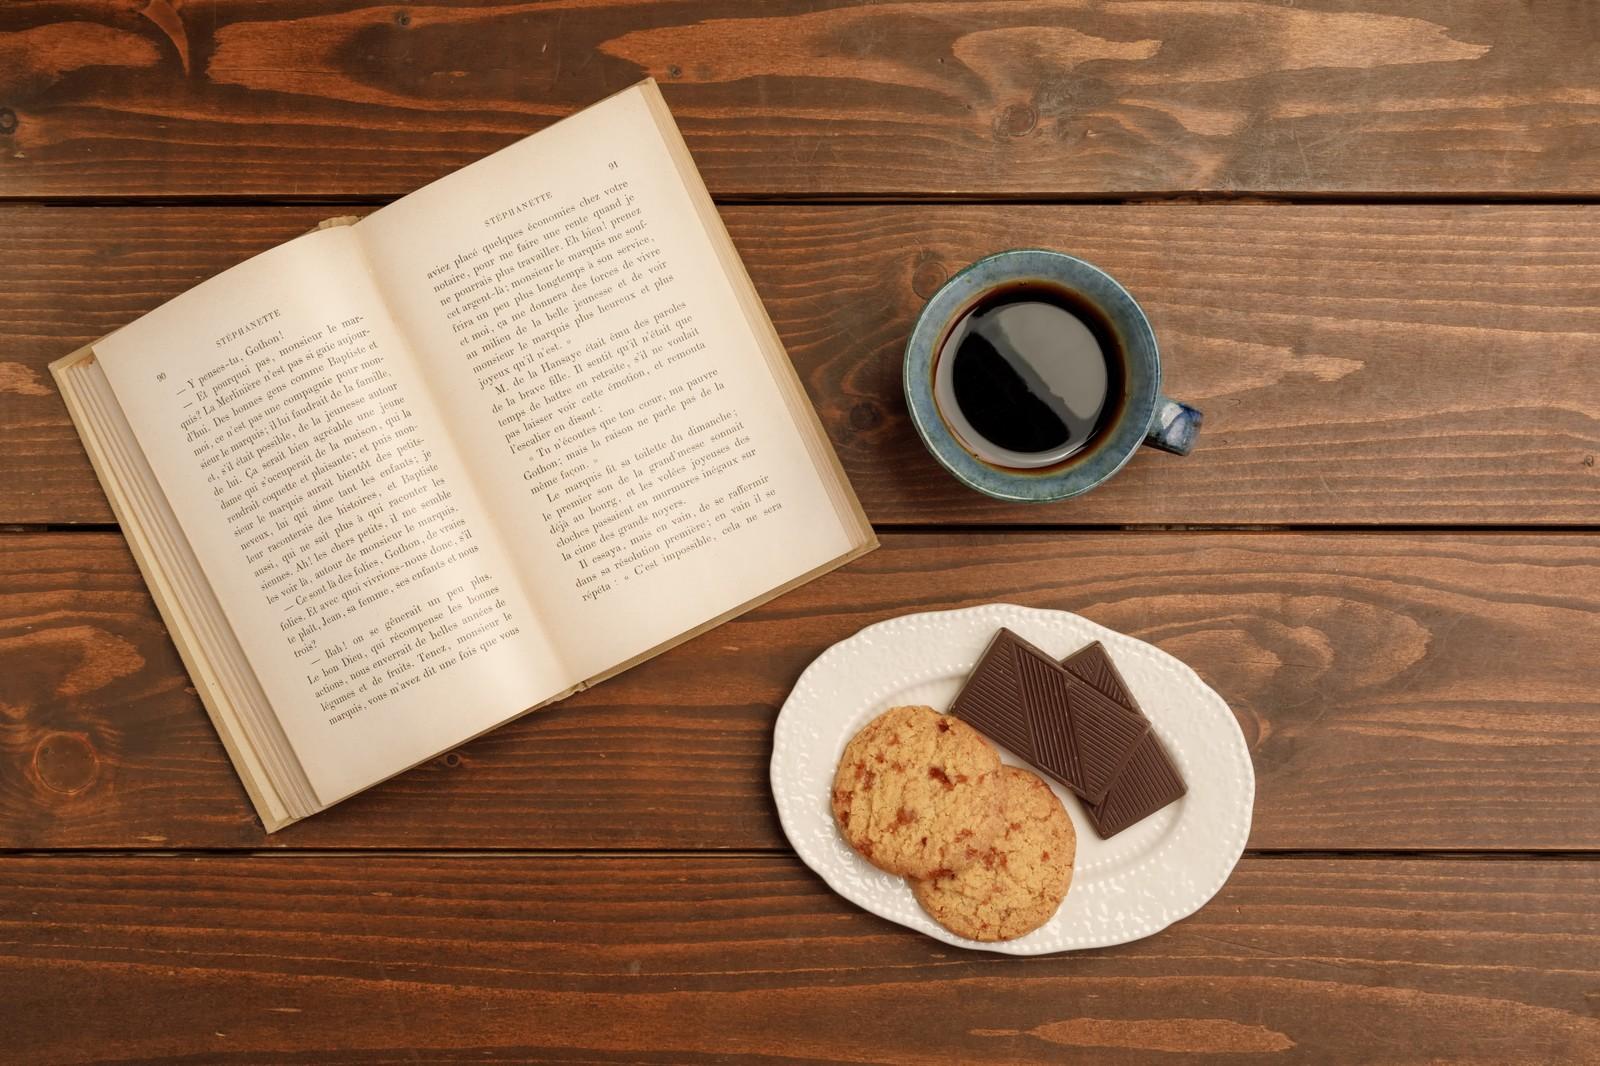 時間がないから読書しない、ではない。読書をするから時間が生まれる。